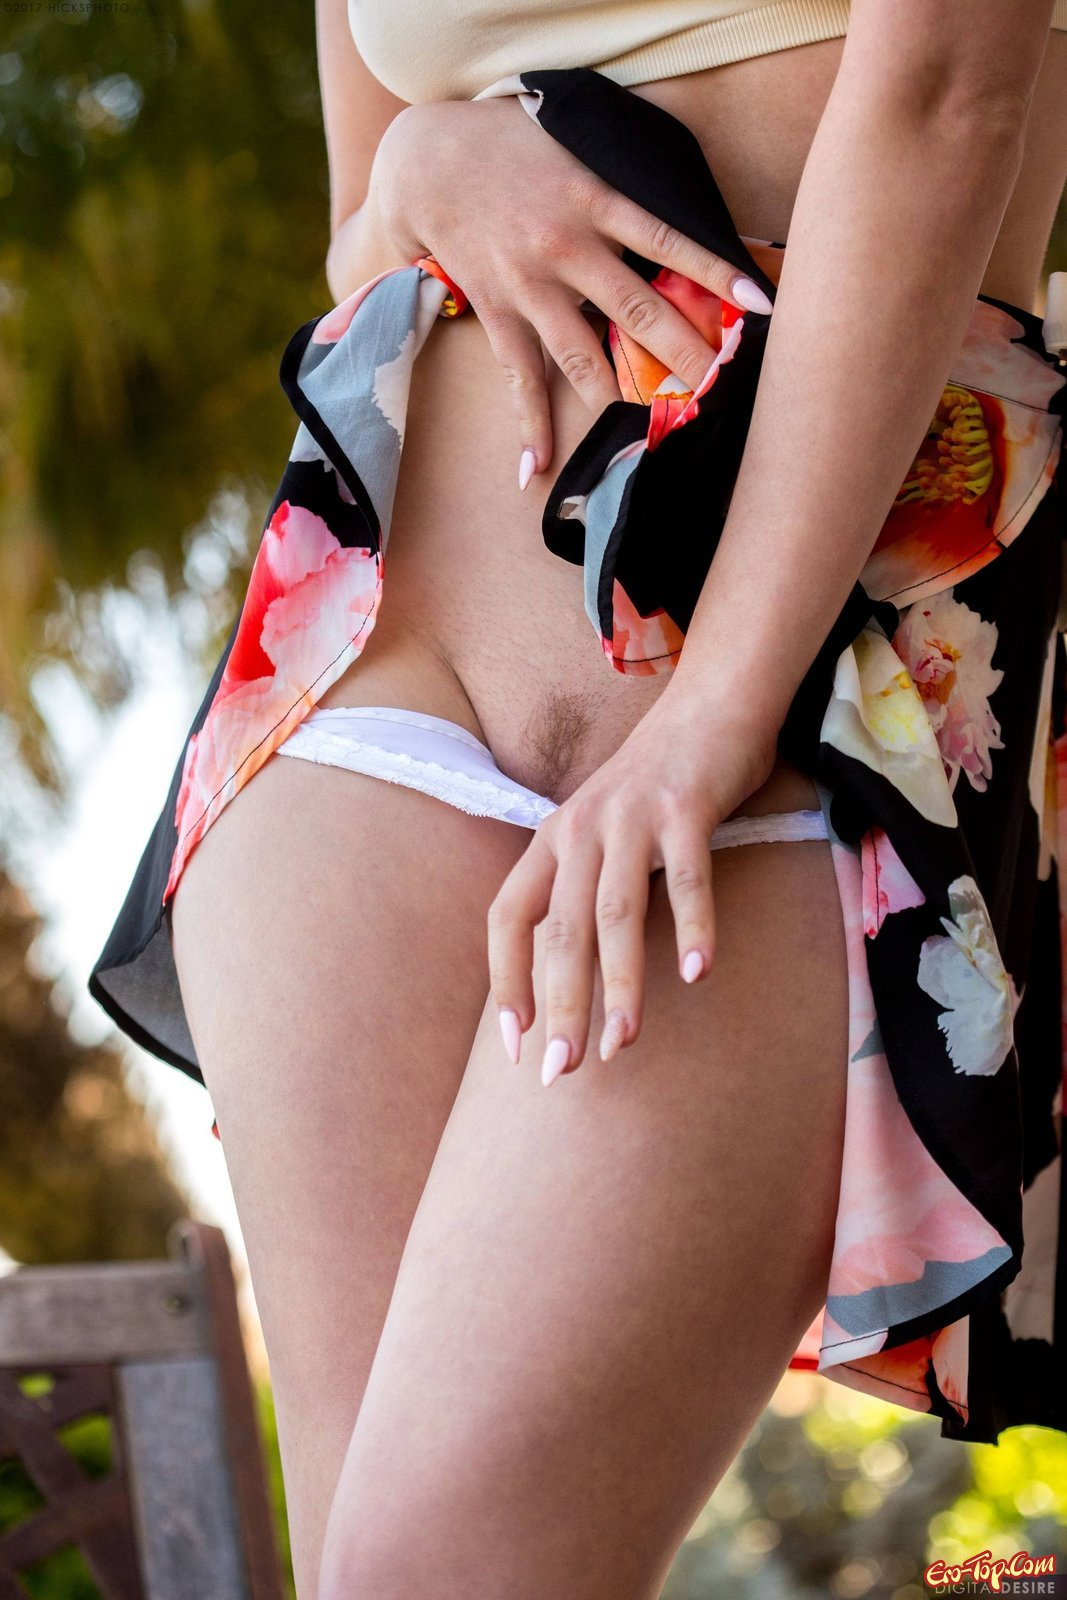 фото белых трусиков под юбкой